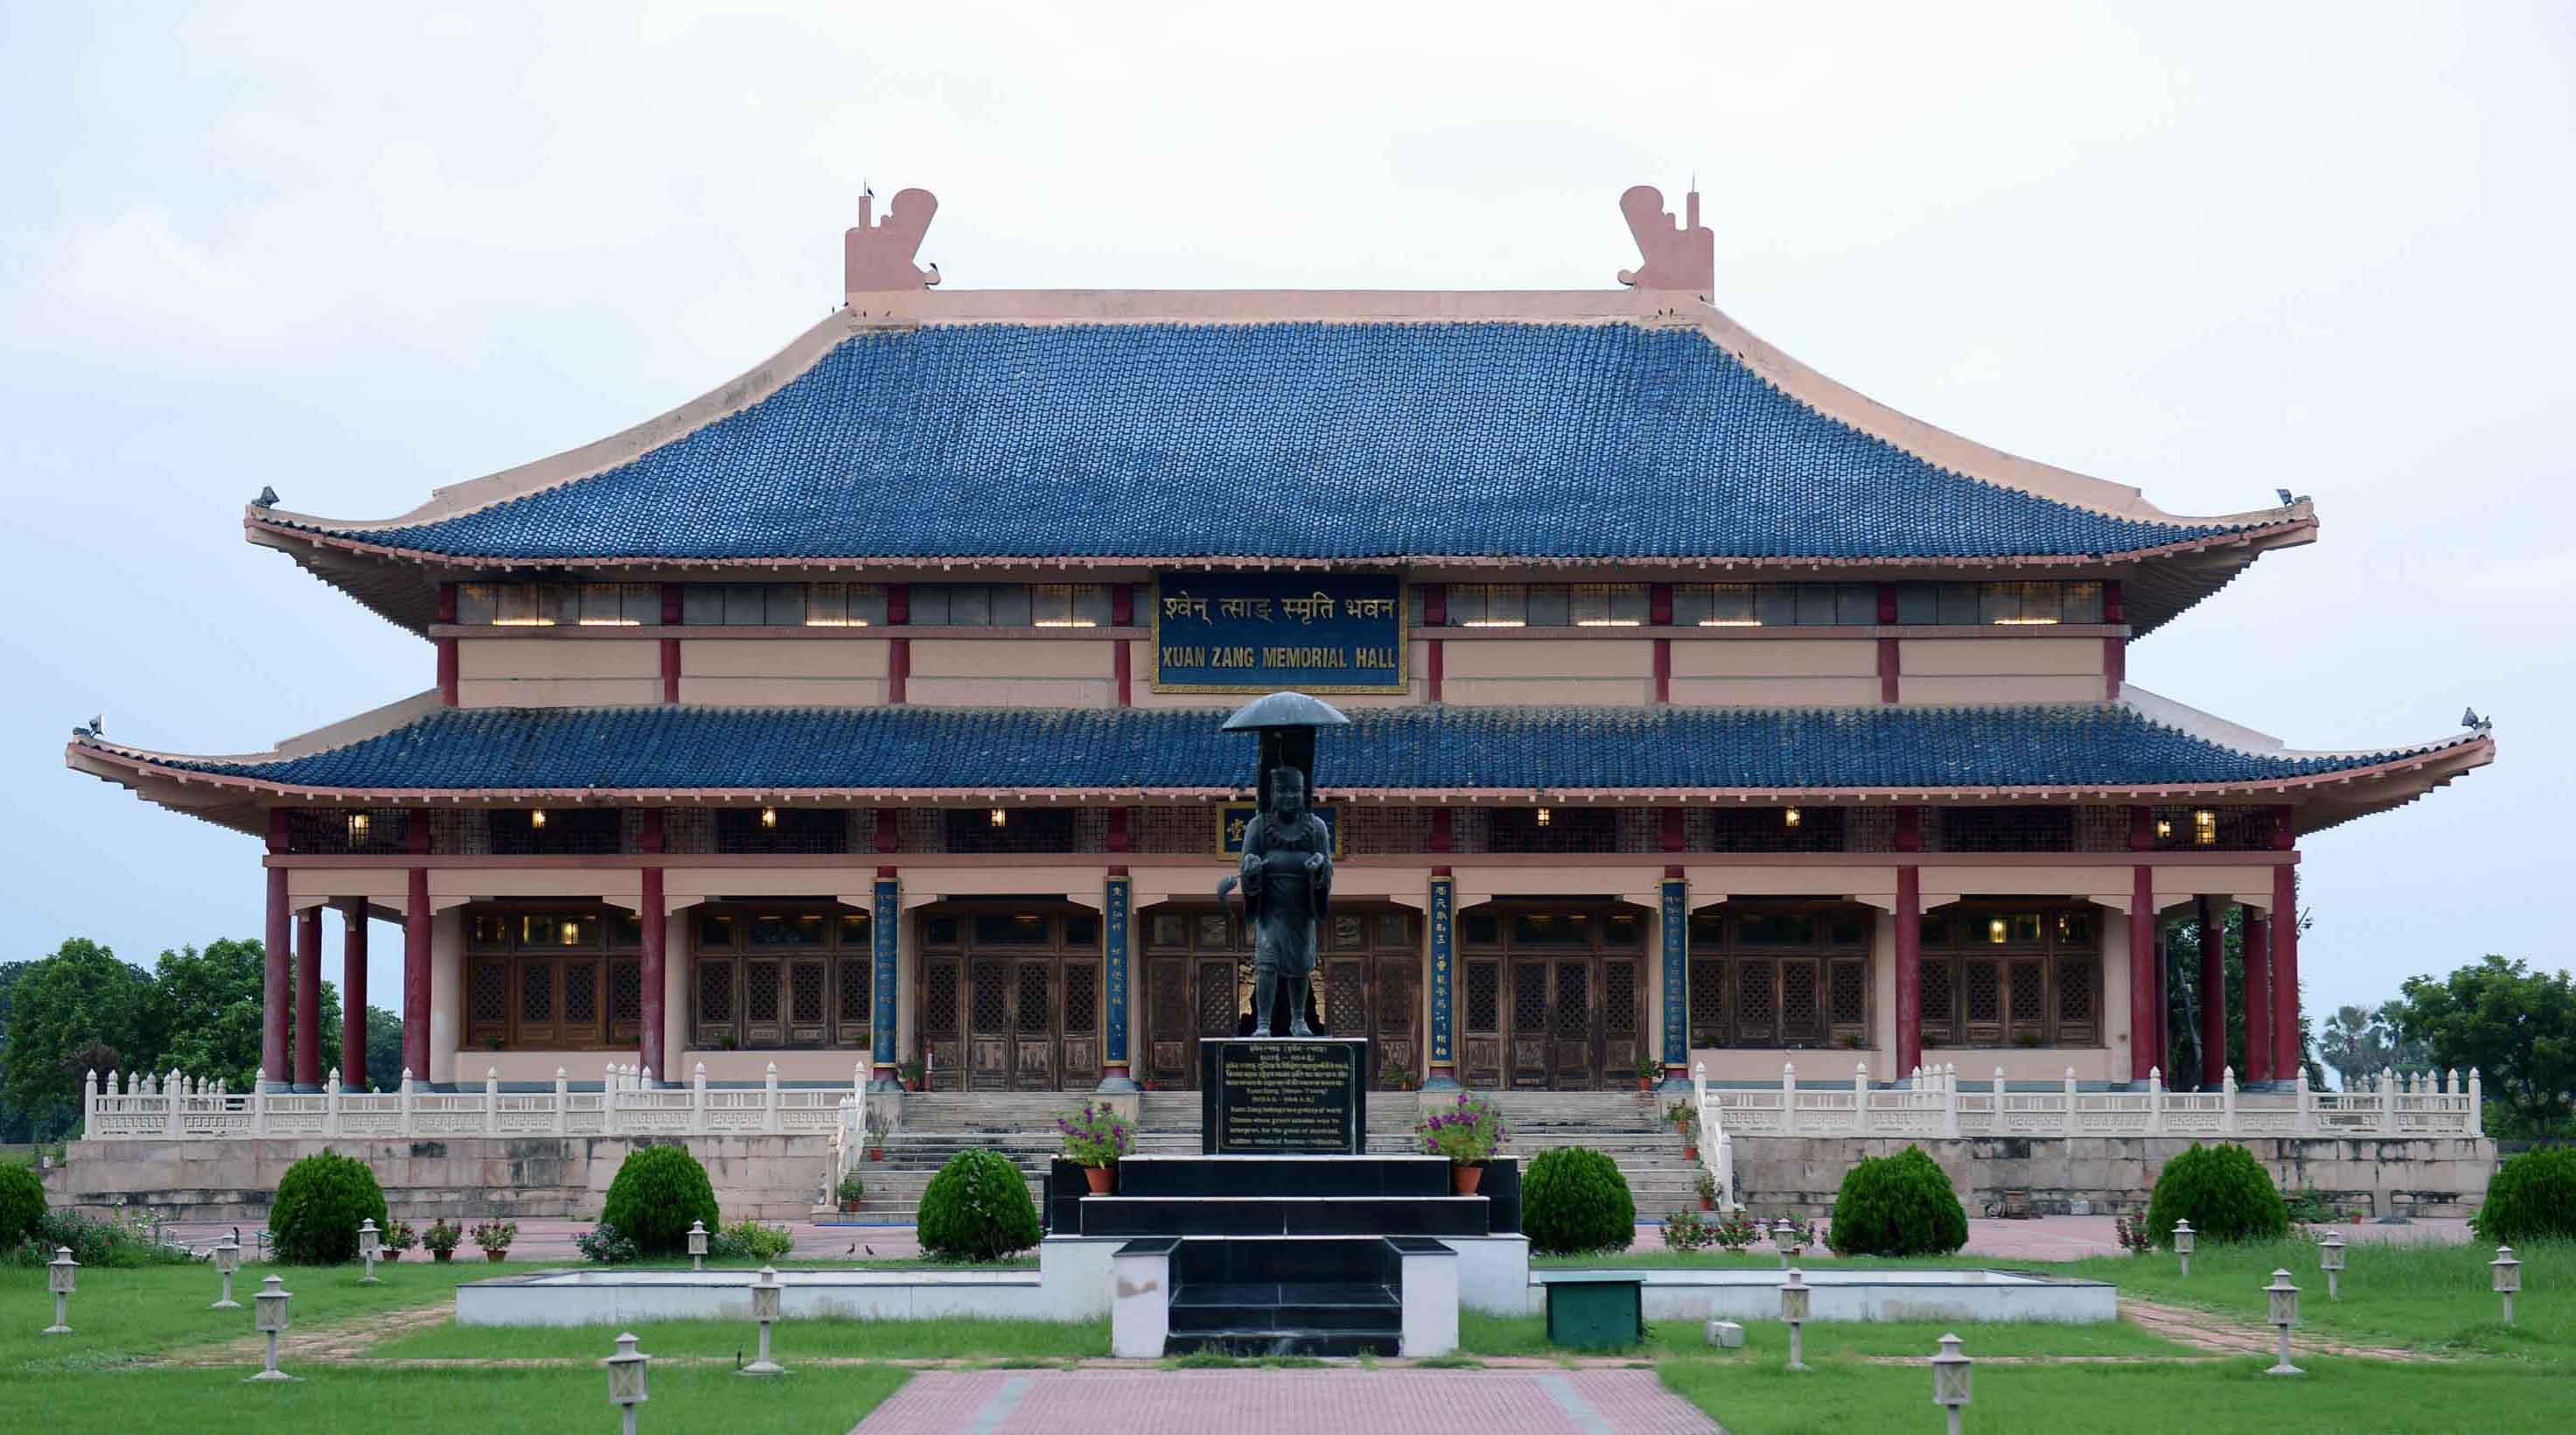 Hieun Tsang Memorial Hall, Kundalpur